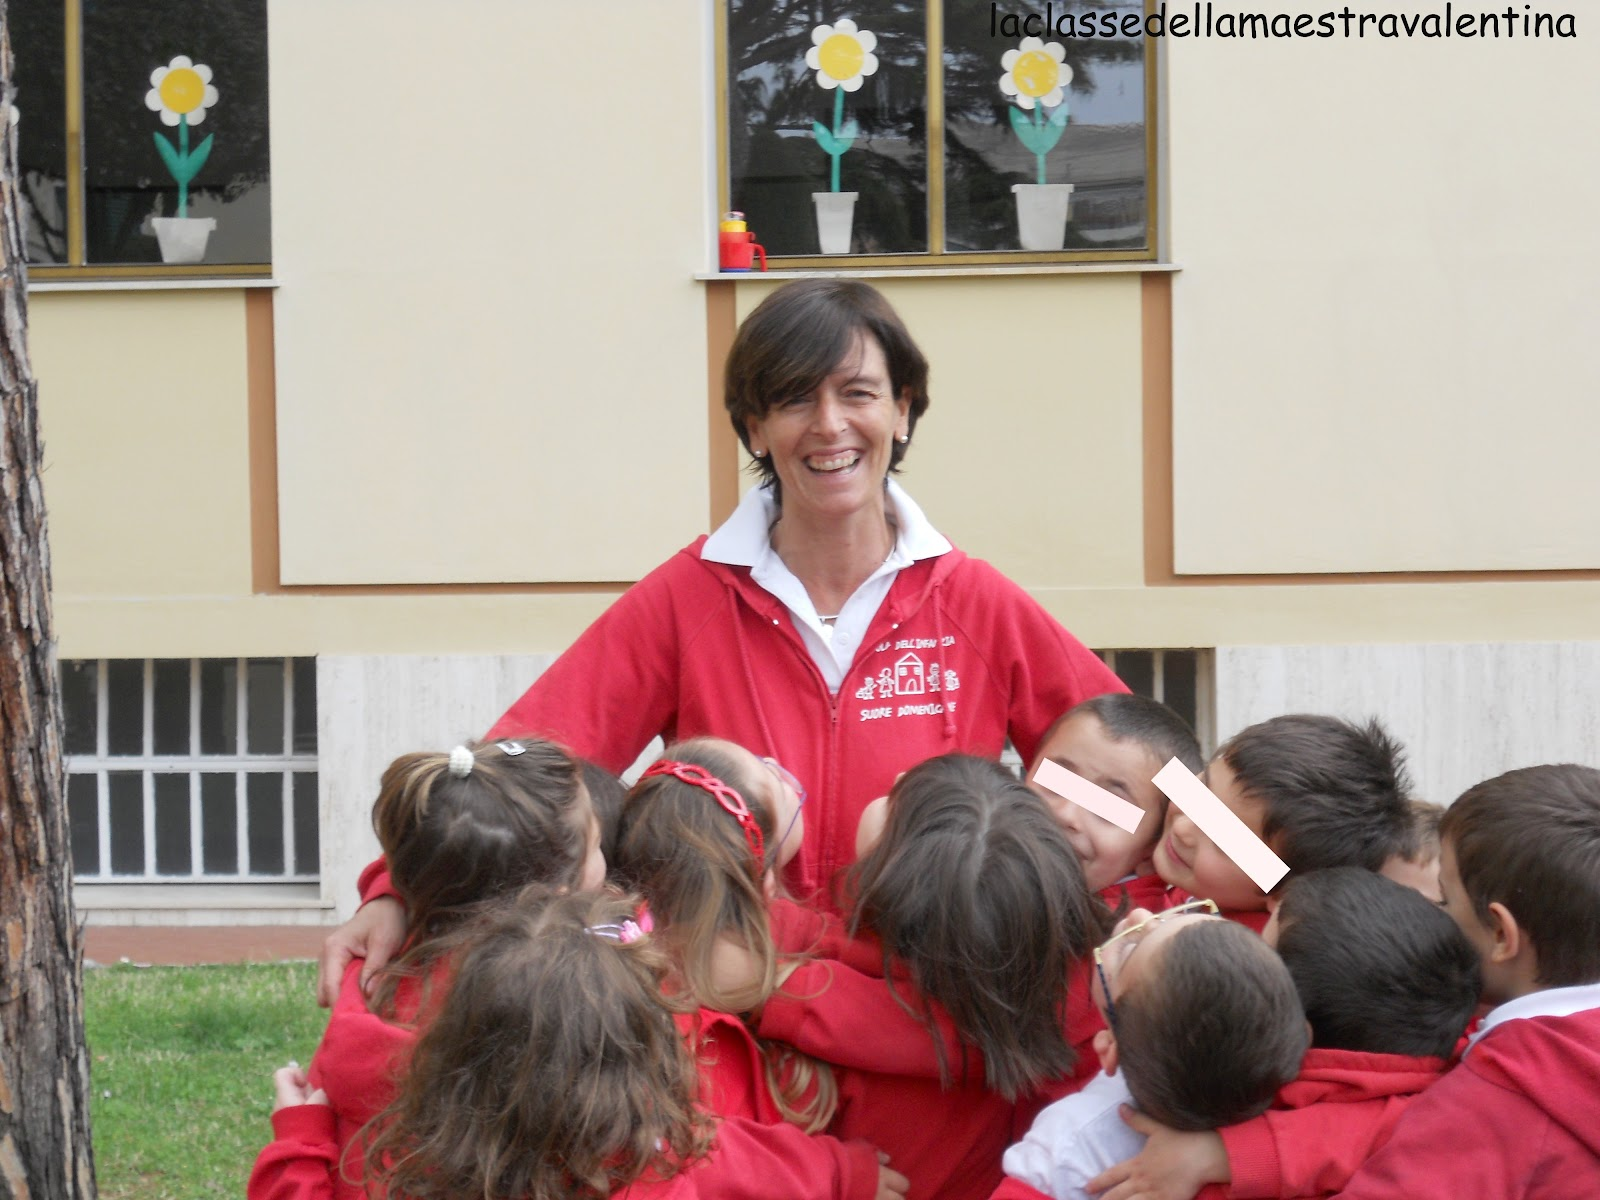 La classe della maestra valentina anteprima per il mese for La classe della maestra valentina primavera